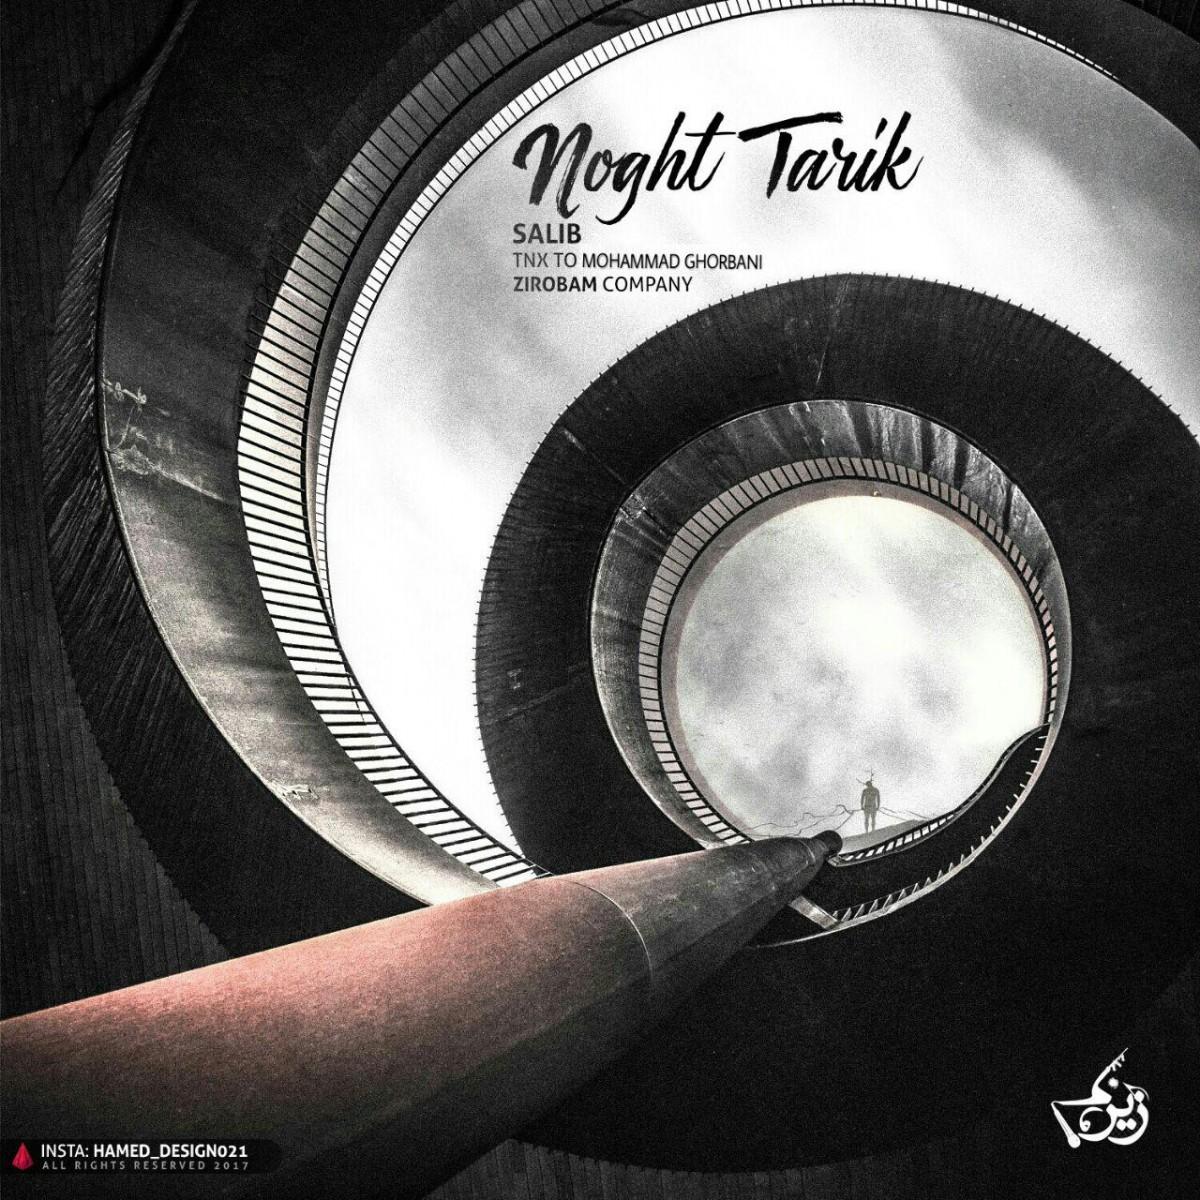 نامبر وان موزیک | دانلود آهنگ جدید SALIB-Noghte-Tarik